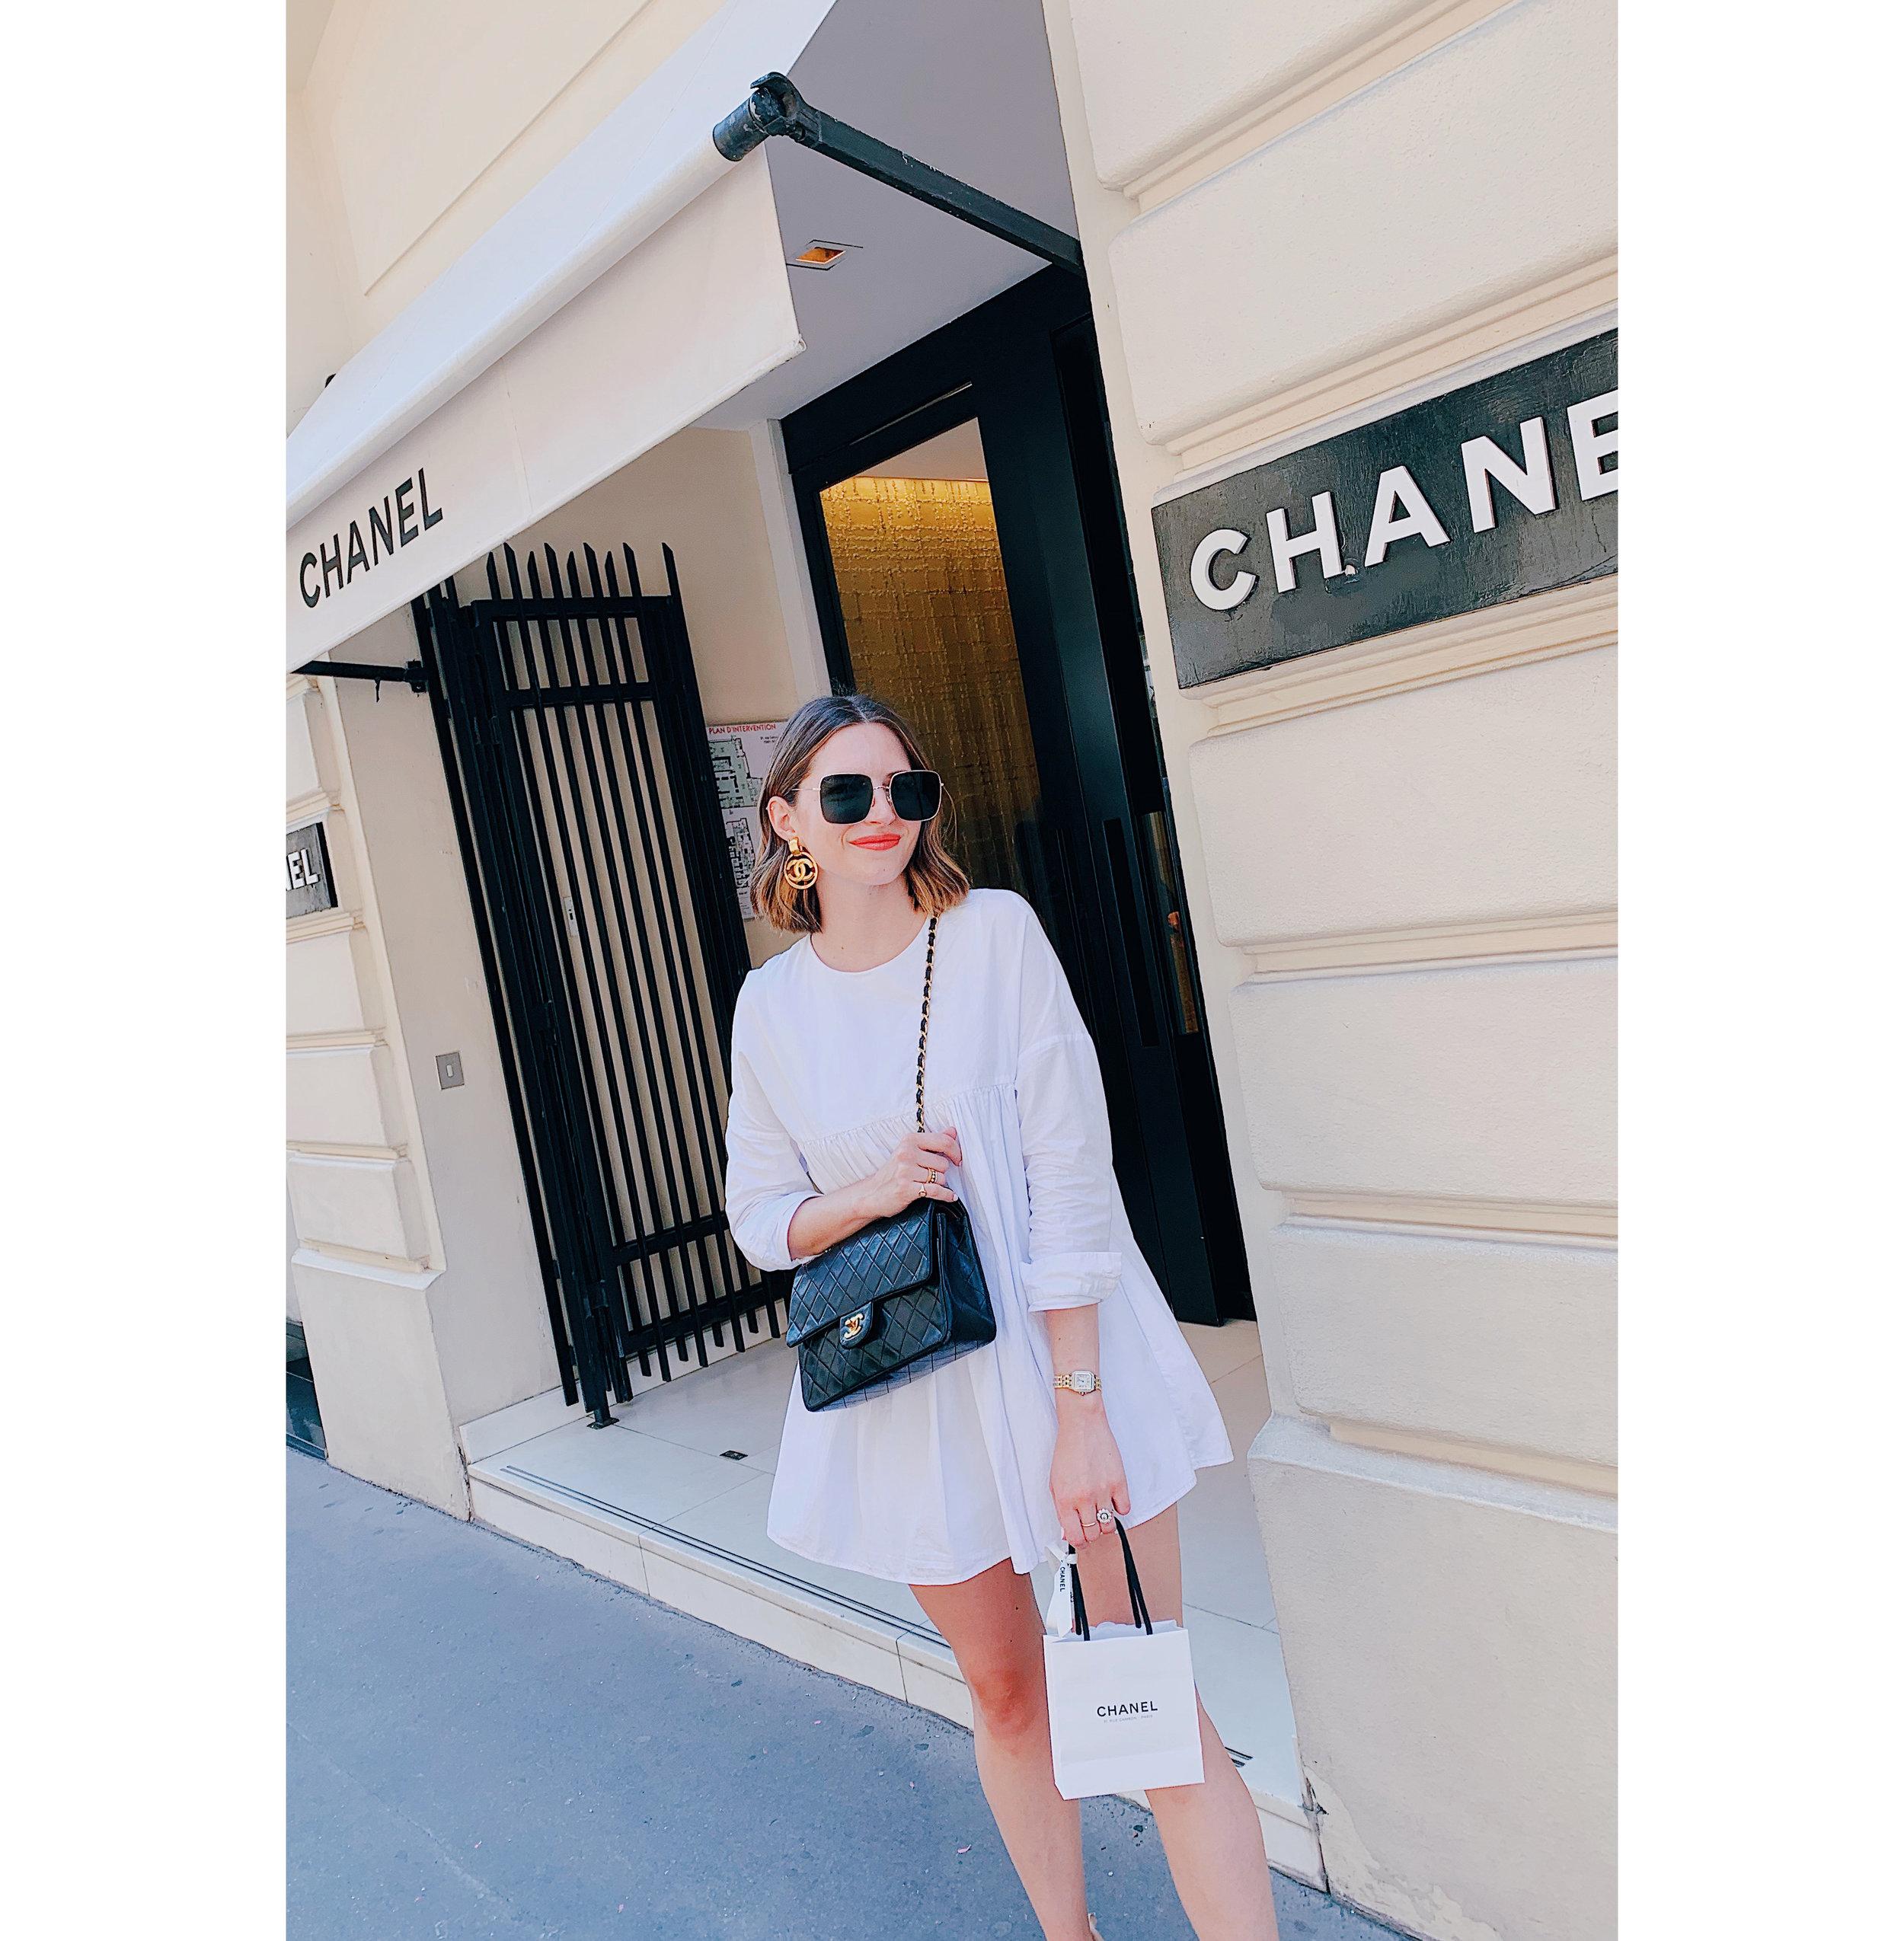 Paris 7 Chanel 31 Rue Cambon.jpg